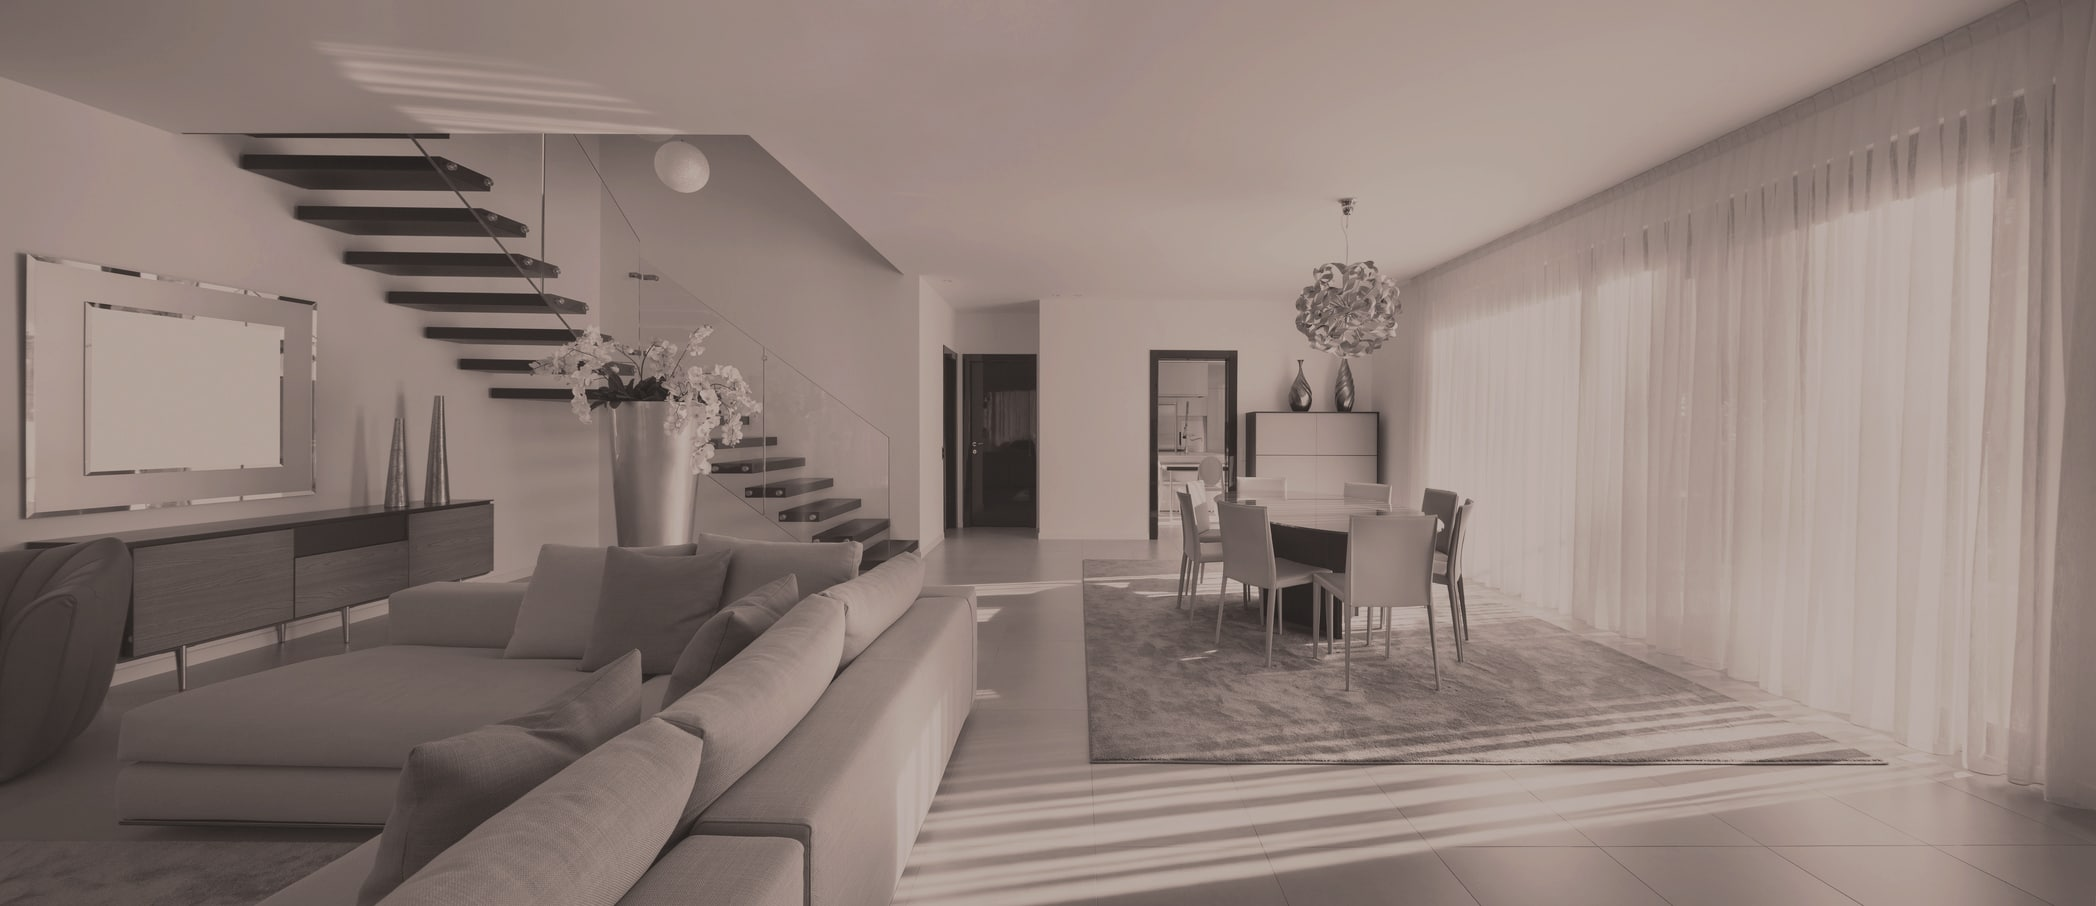 soleil home-agency-img